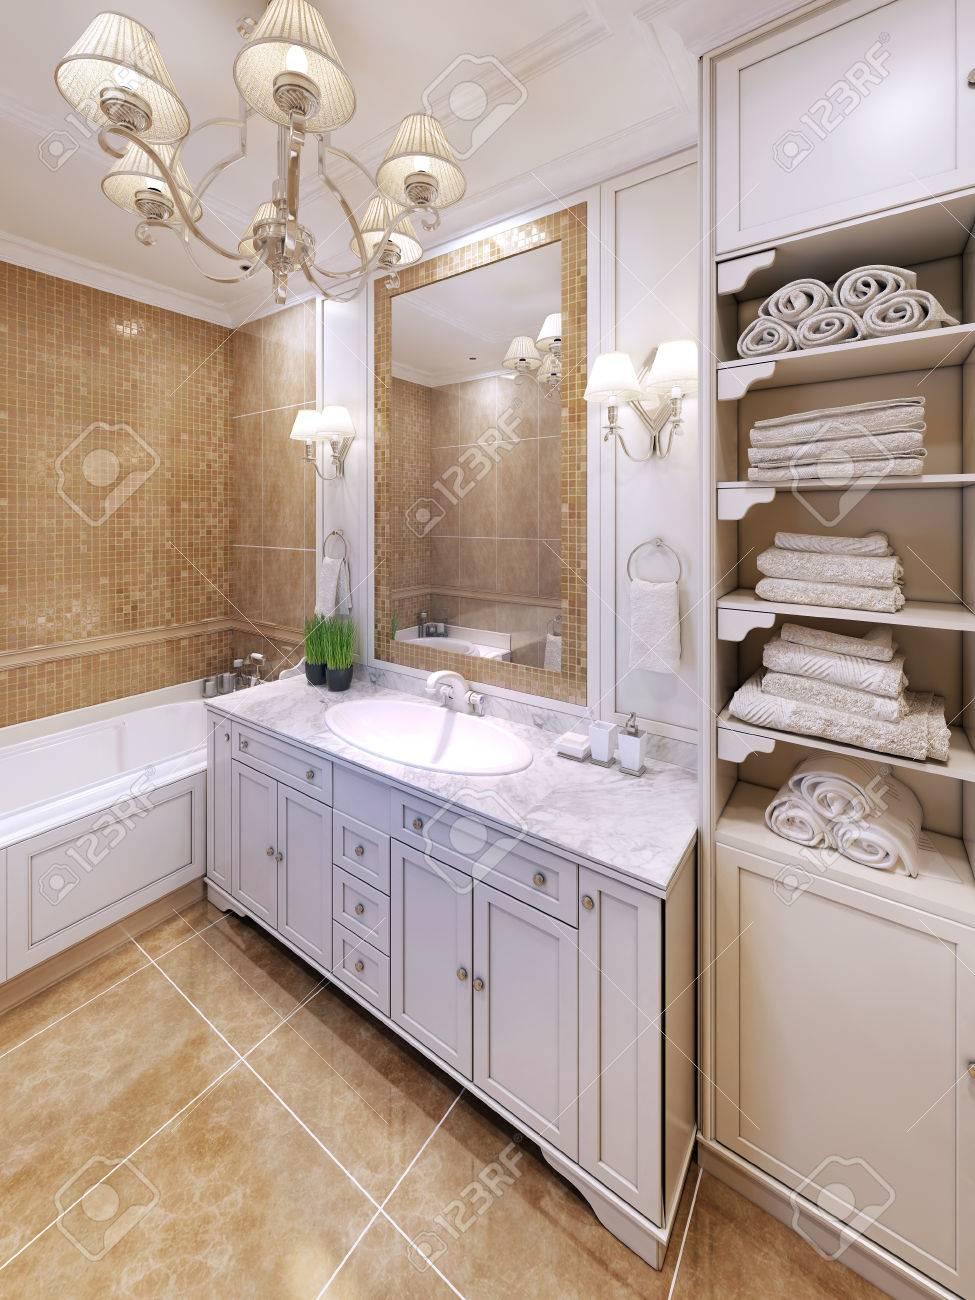 Das Innere Der Provence Badezimmer. 3D übertragen Lizenzfreie Fotos ...